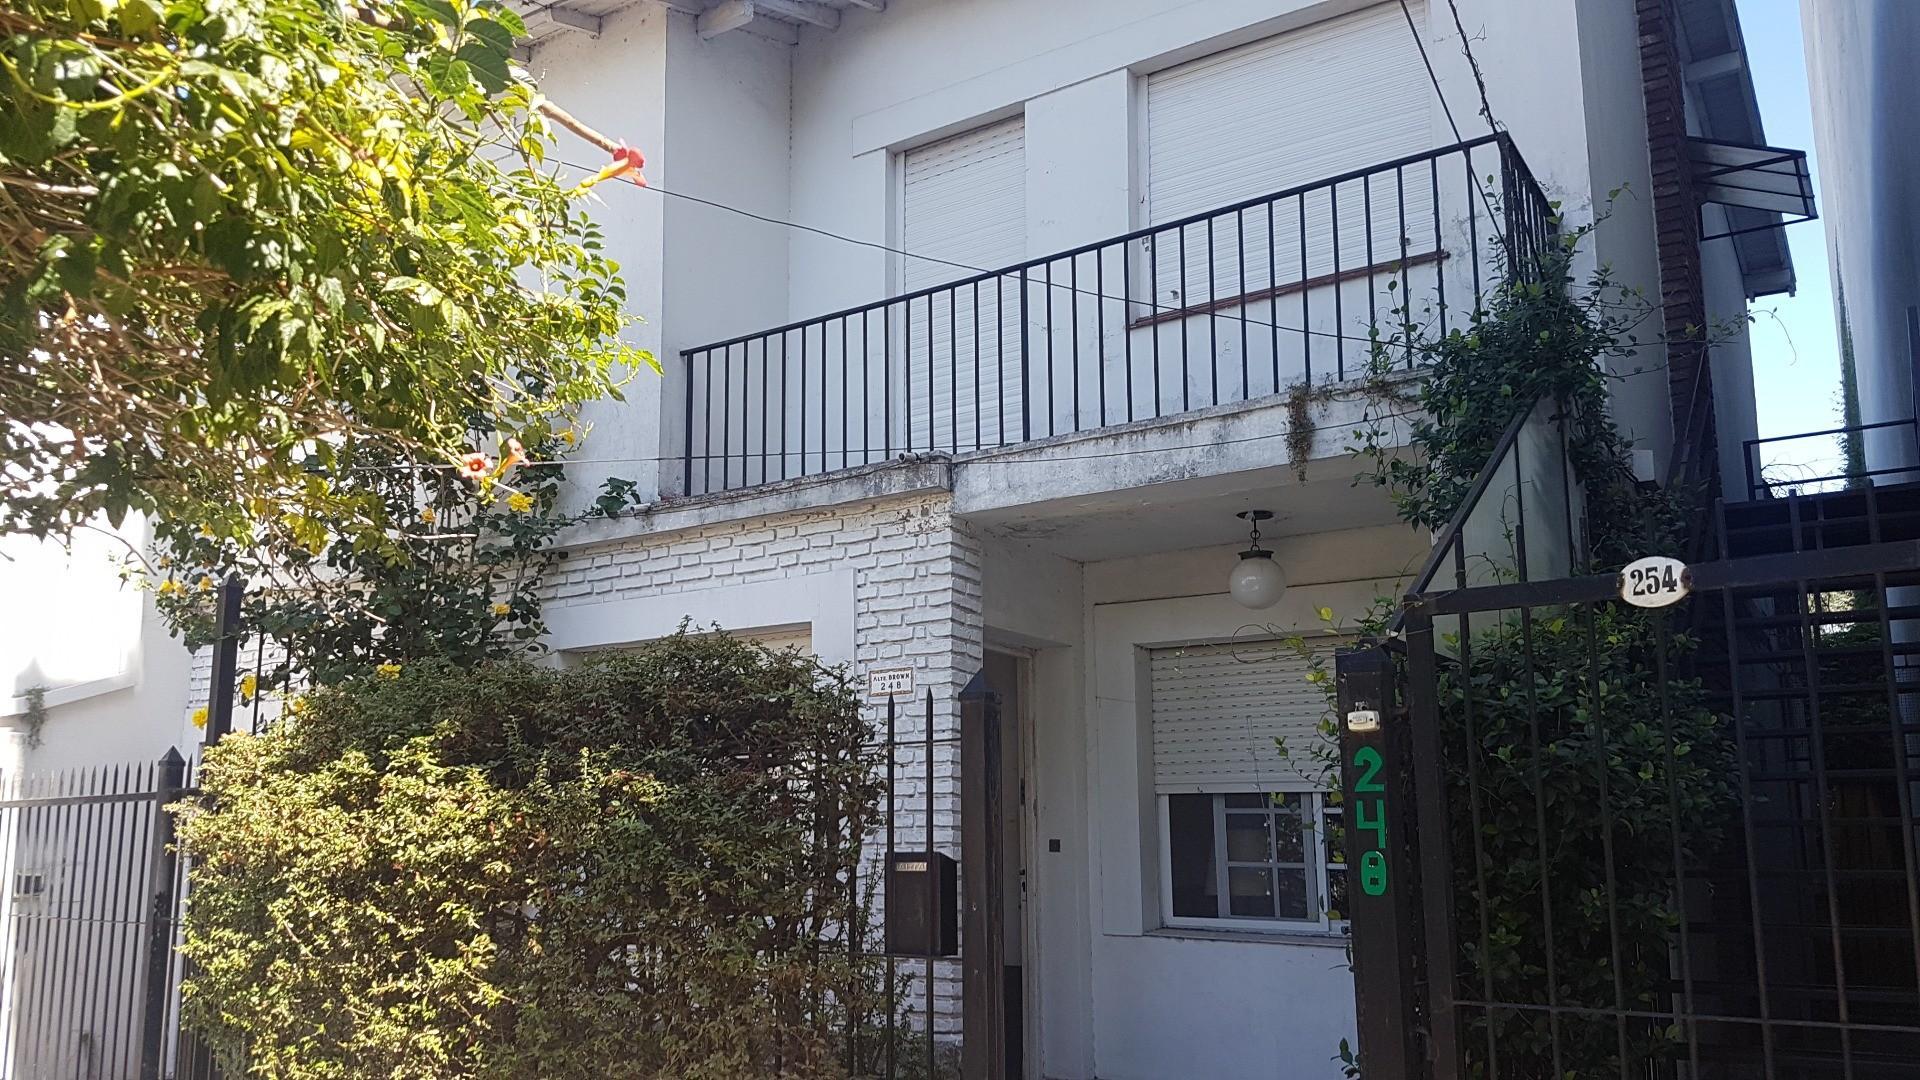 Ph en Venta en San Isidro - 6 ambientes